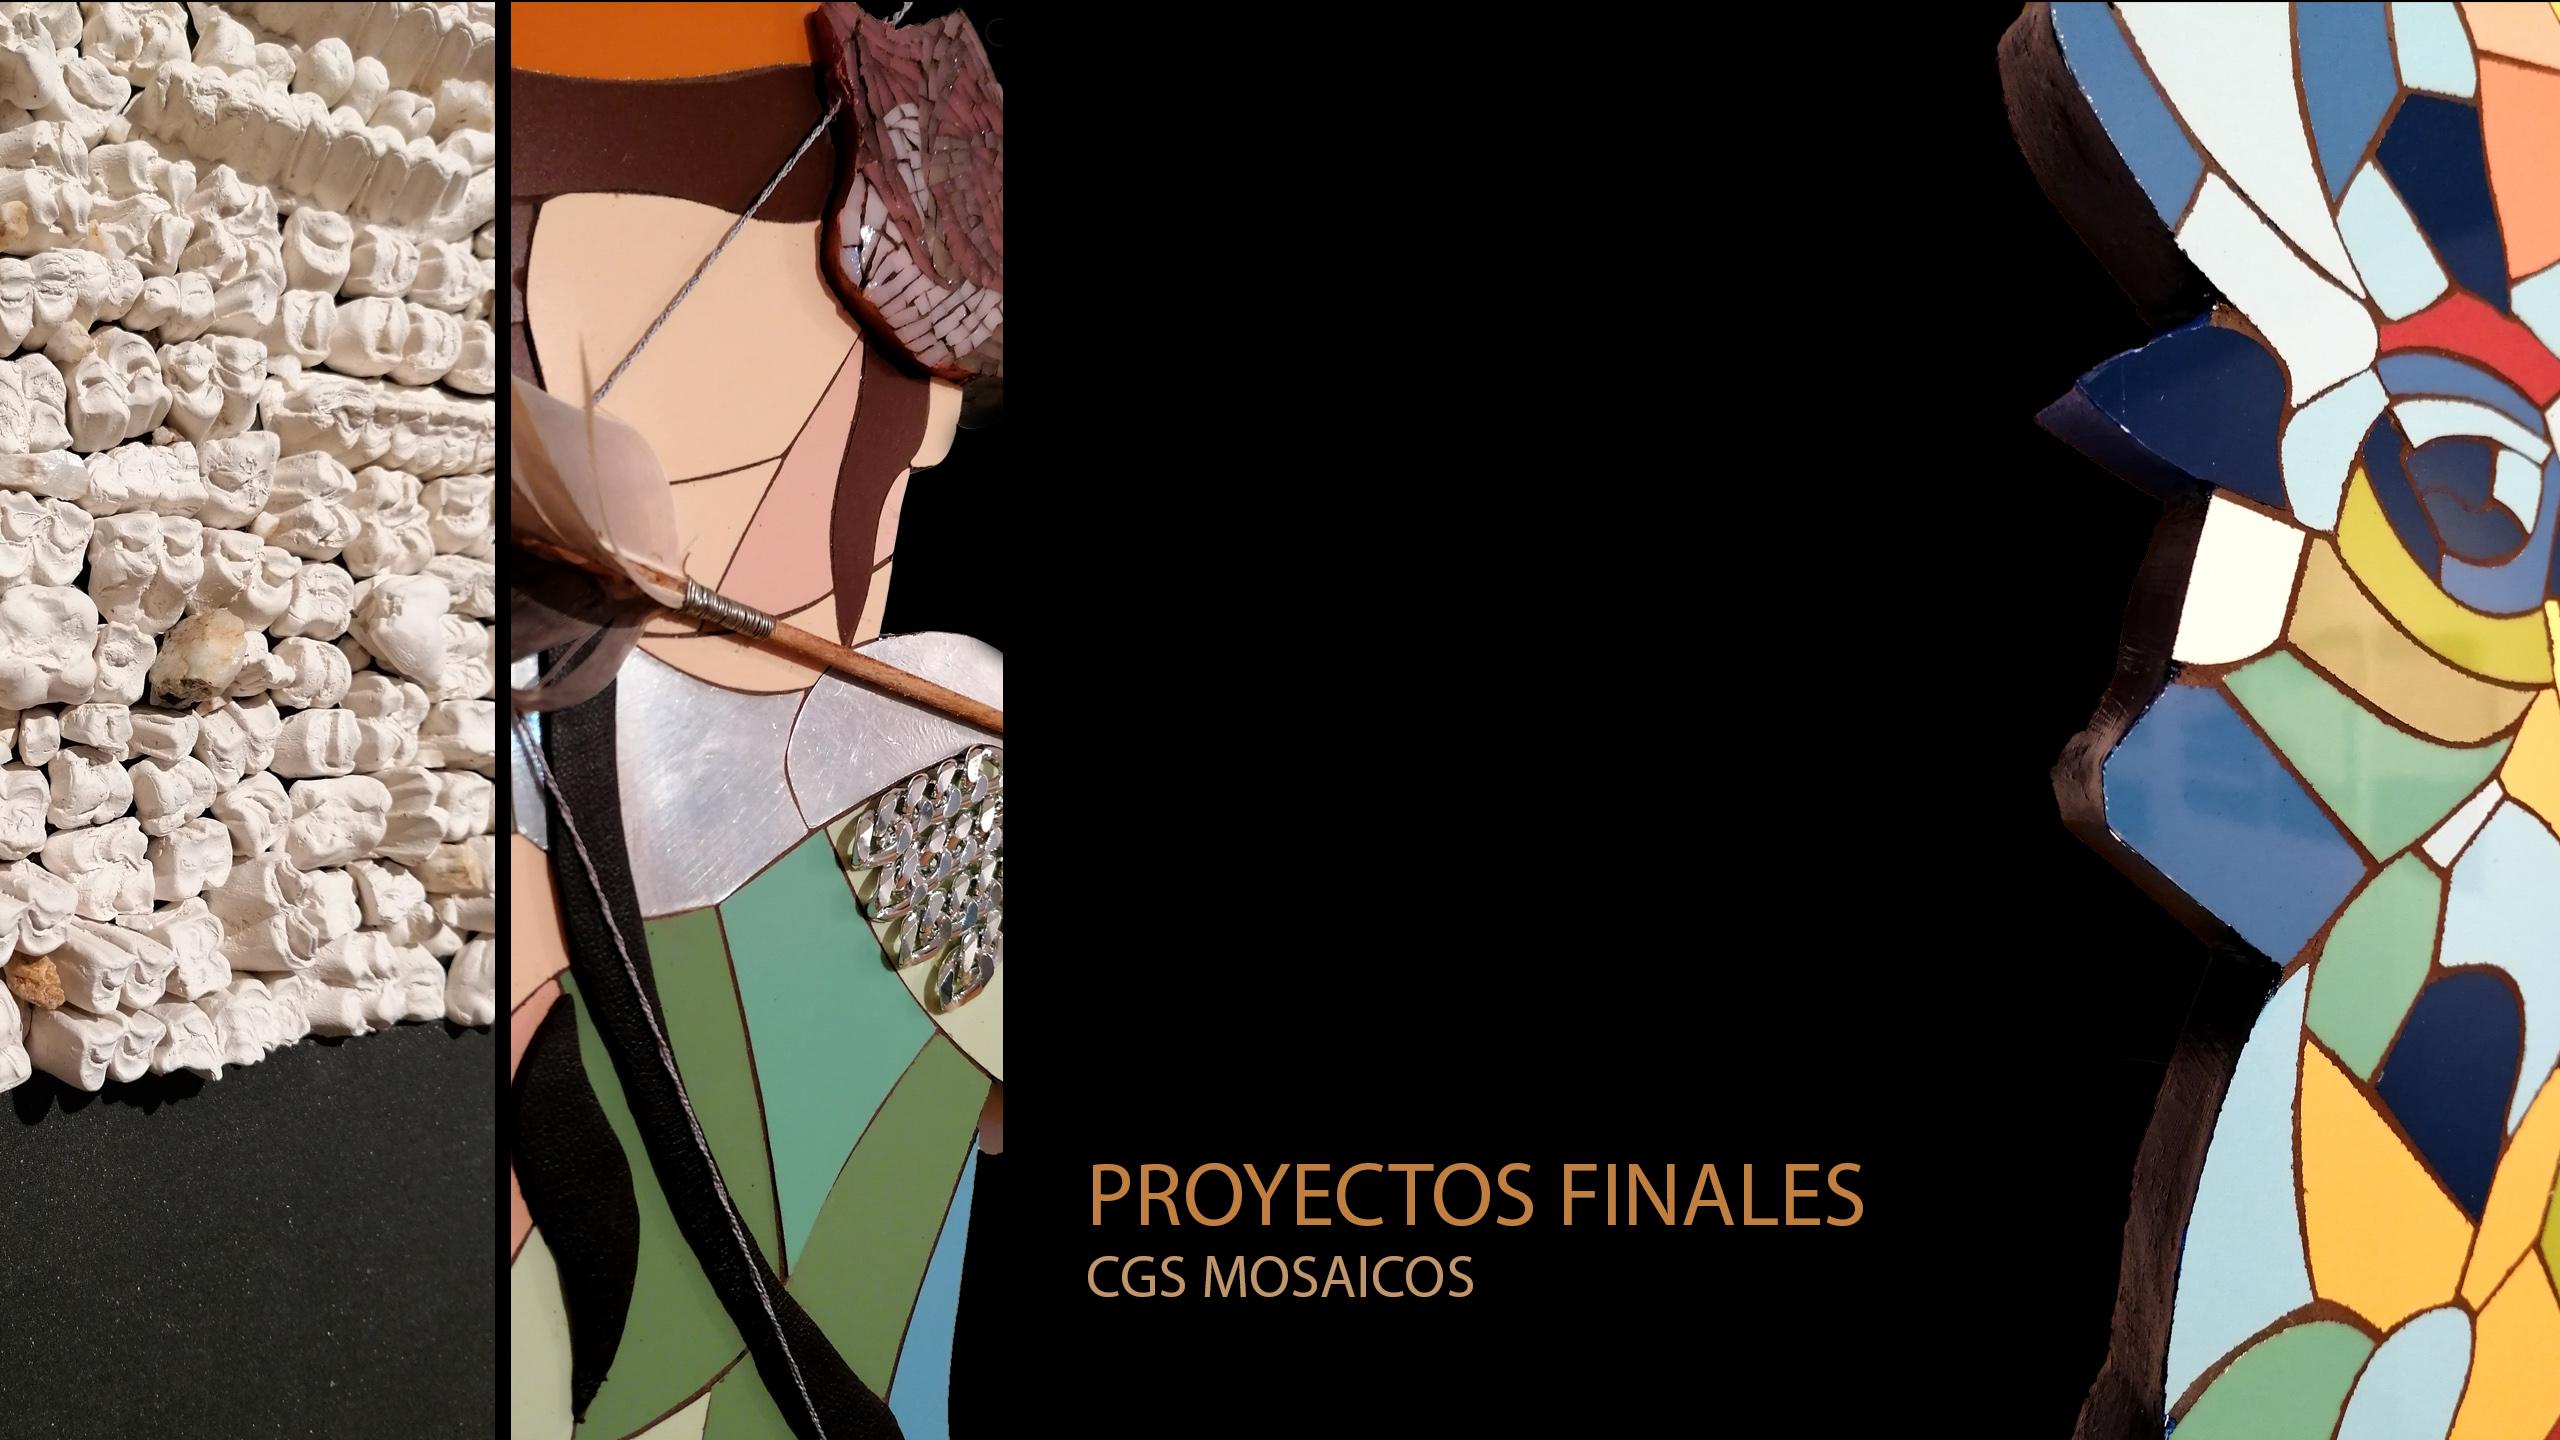 Mosaico, Proyectos Finales 2020-21 Presentación